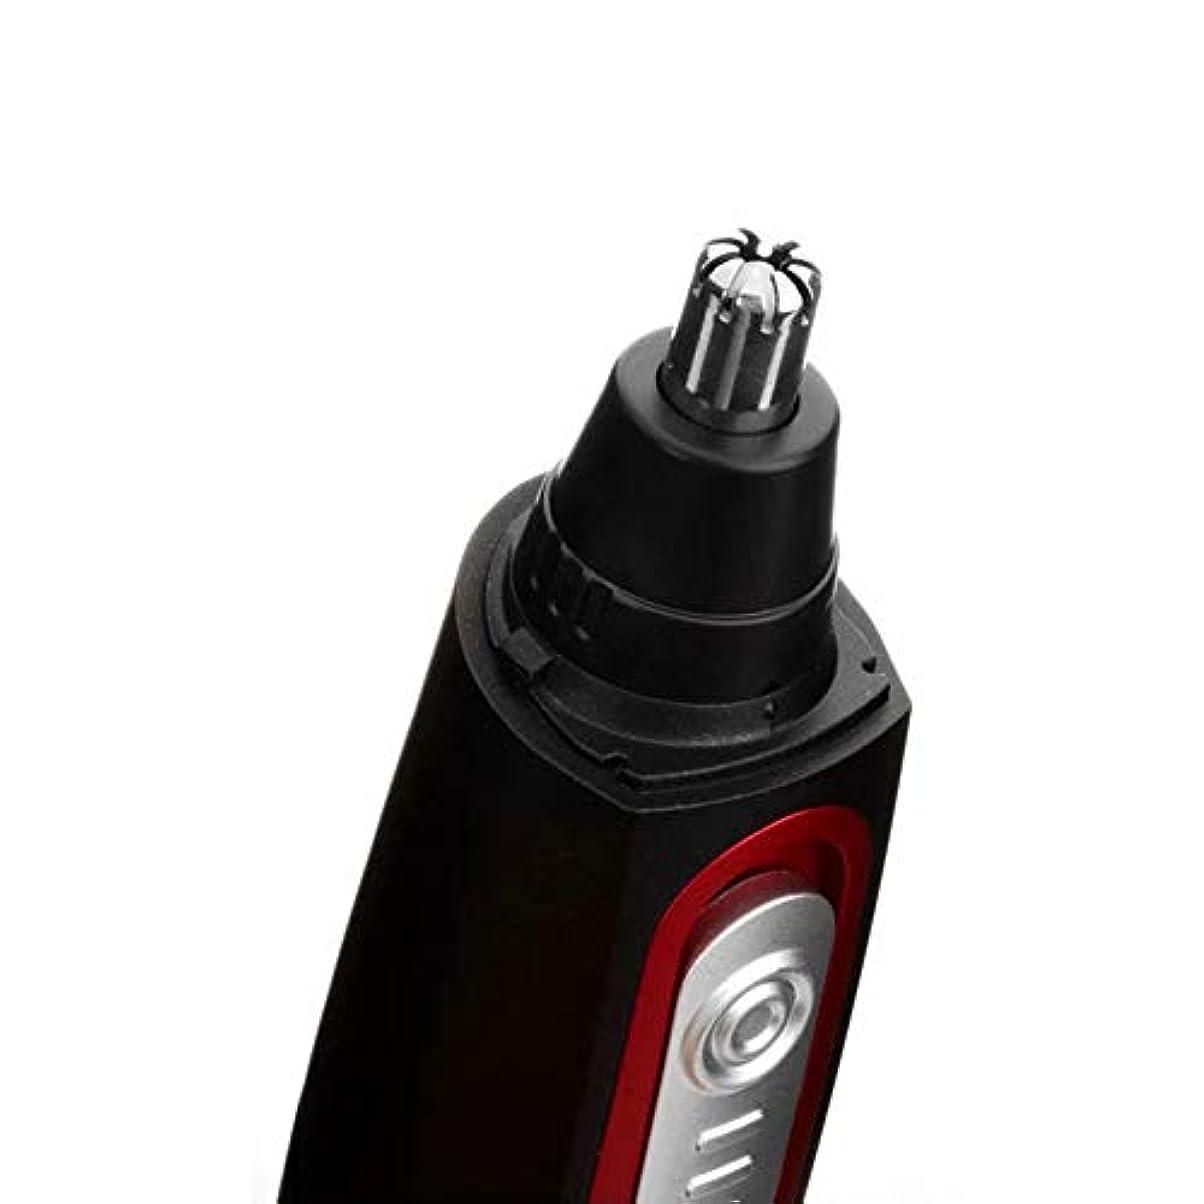 サーバ土動作ノーズヘアトリマー/メンズシェービングノーズヘアスクレーピングノーズヘアハサミ/ 360°効果的なキャプチャー/三次元ロータリーカッターヘッドデザイン/ 14cm 操作が簡単